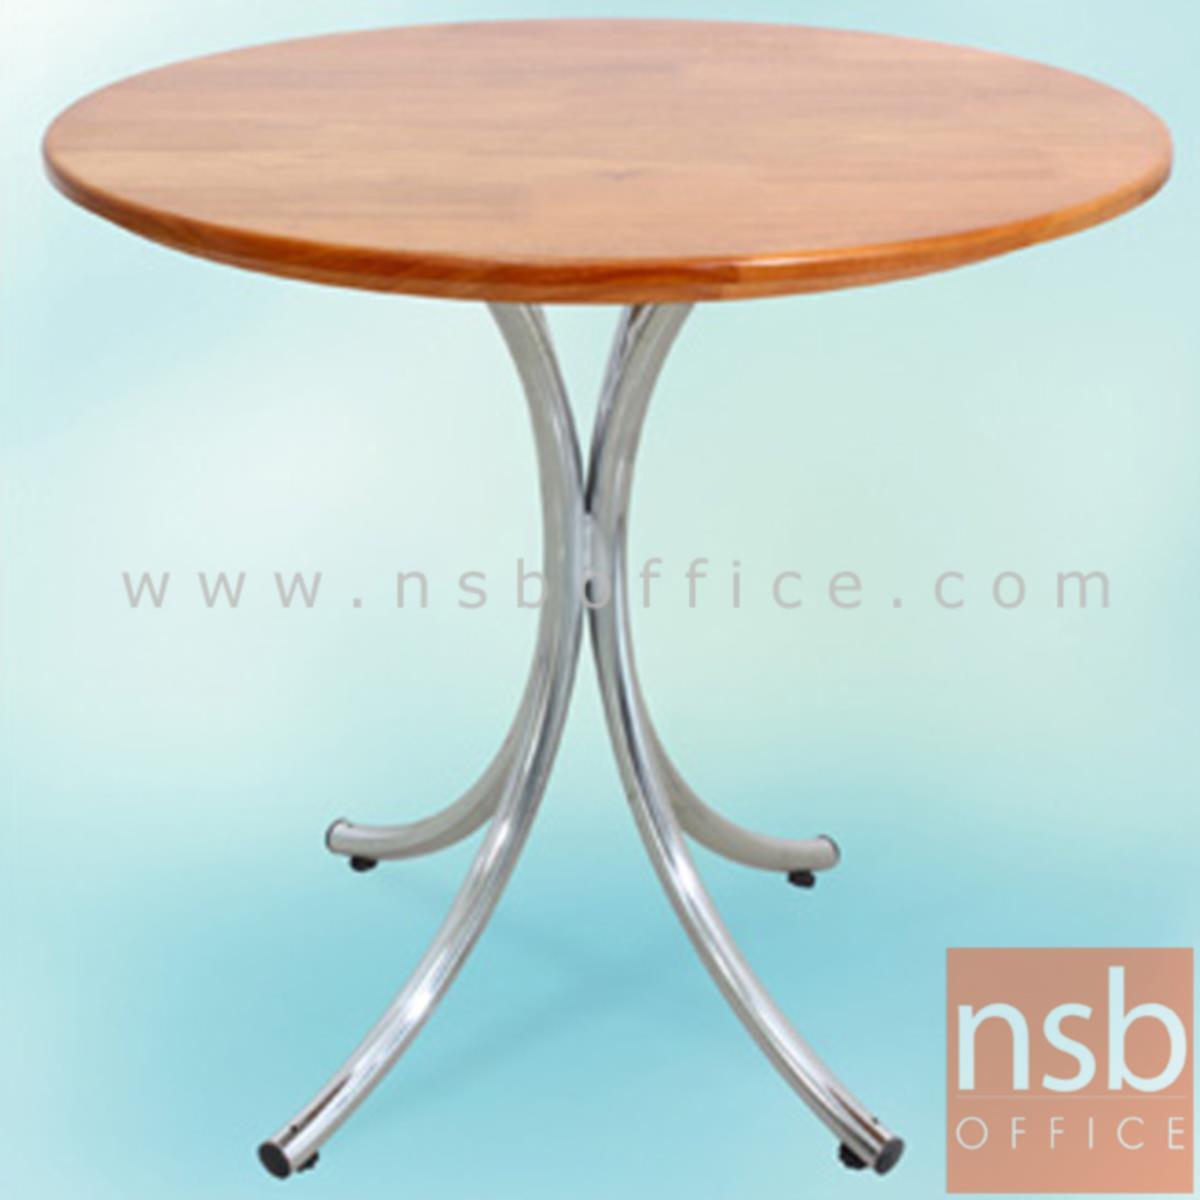 โต๊ะหน้าไม้ยางพารา รุ่น Corrado (คอร์ราโด) ขนาด 60Di ,75Di cm. ขาเหล็ก